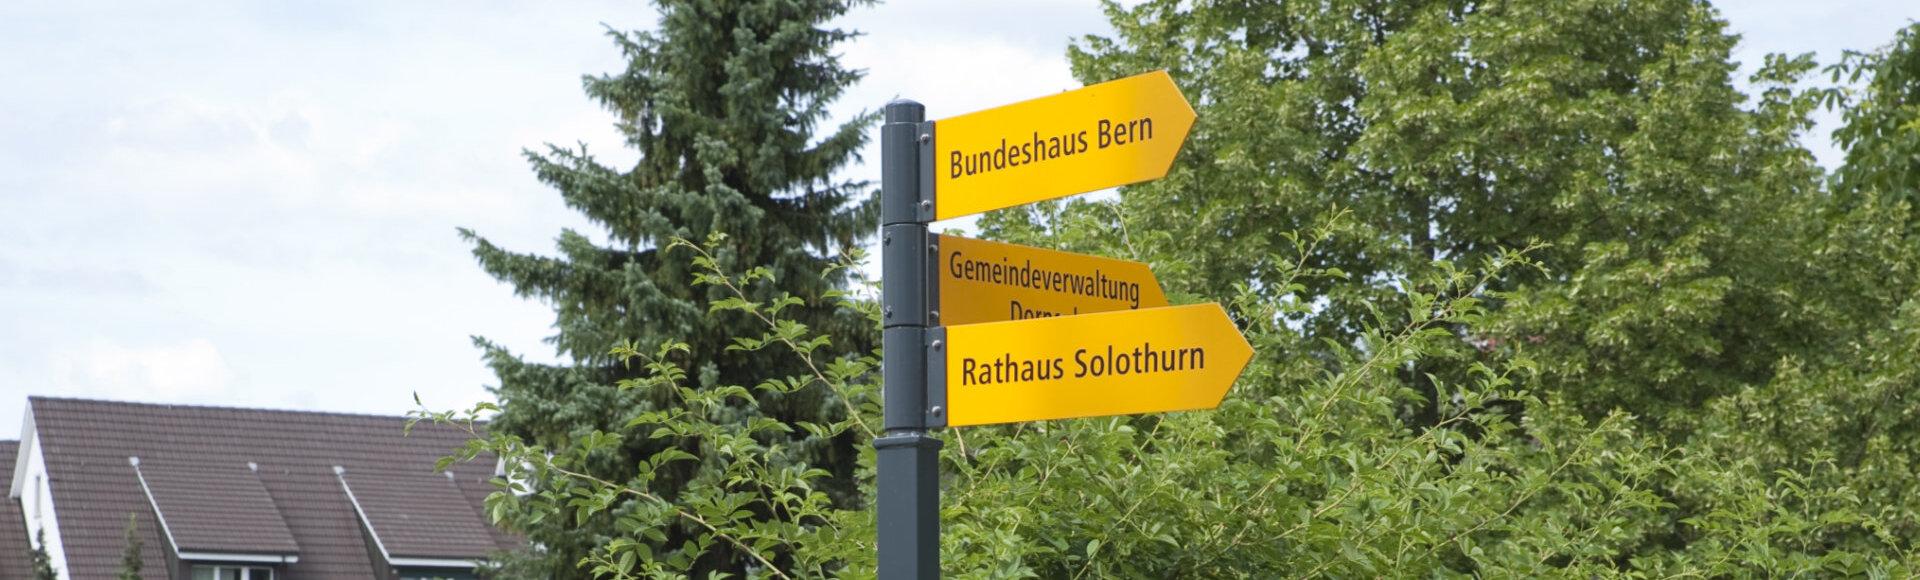 Bild zeigt einen Wegweiser Richtung Gemeindeverwaltung und Rathaus Solothurn